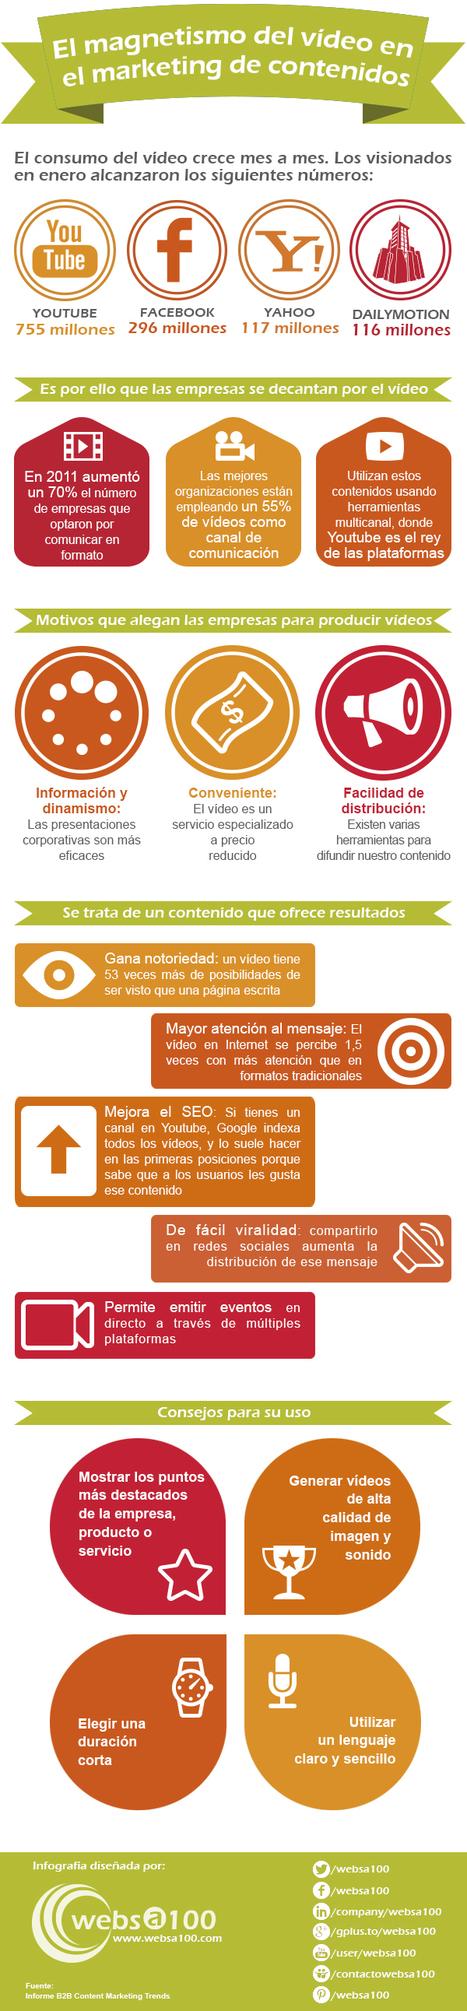 El magnetismo del vídeo en el marketing de contenidos | Estrategias de marketing | Scoop.it